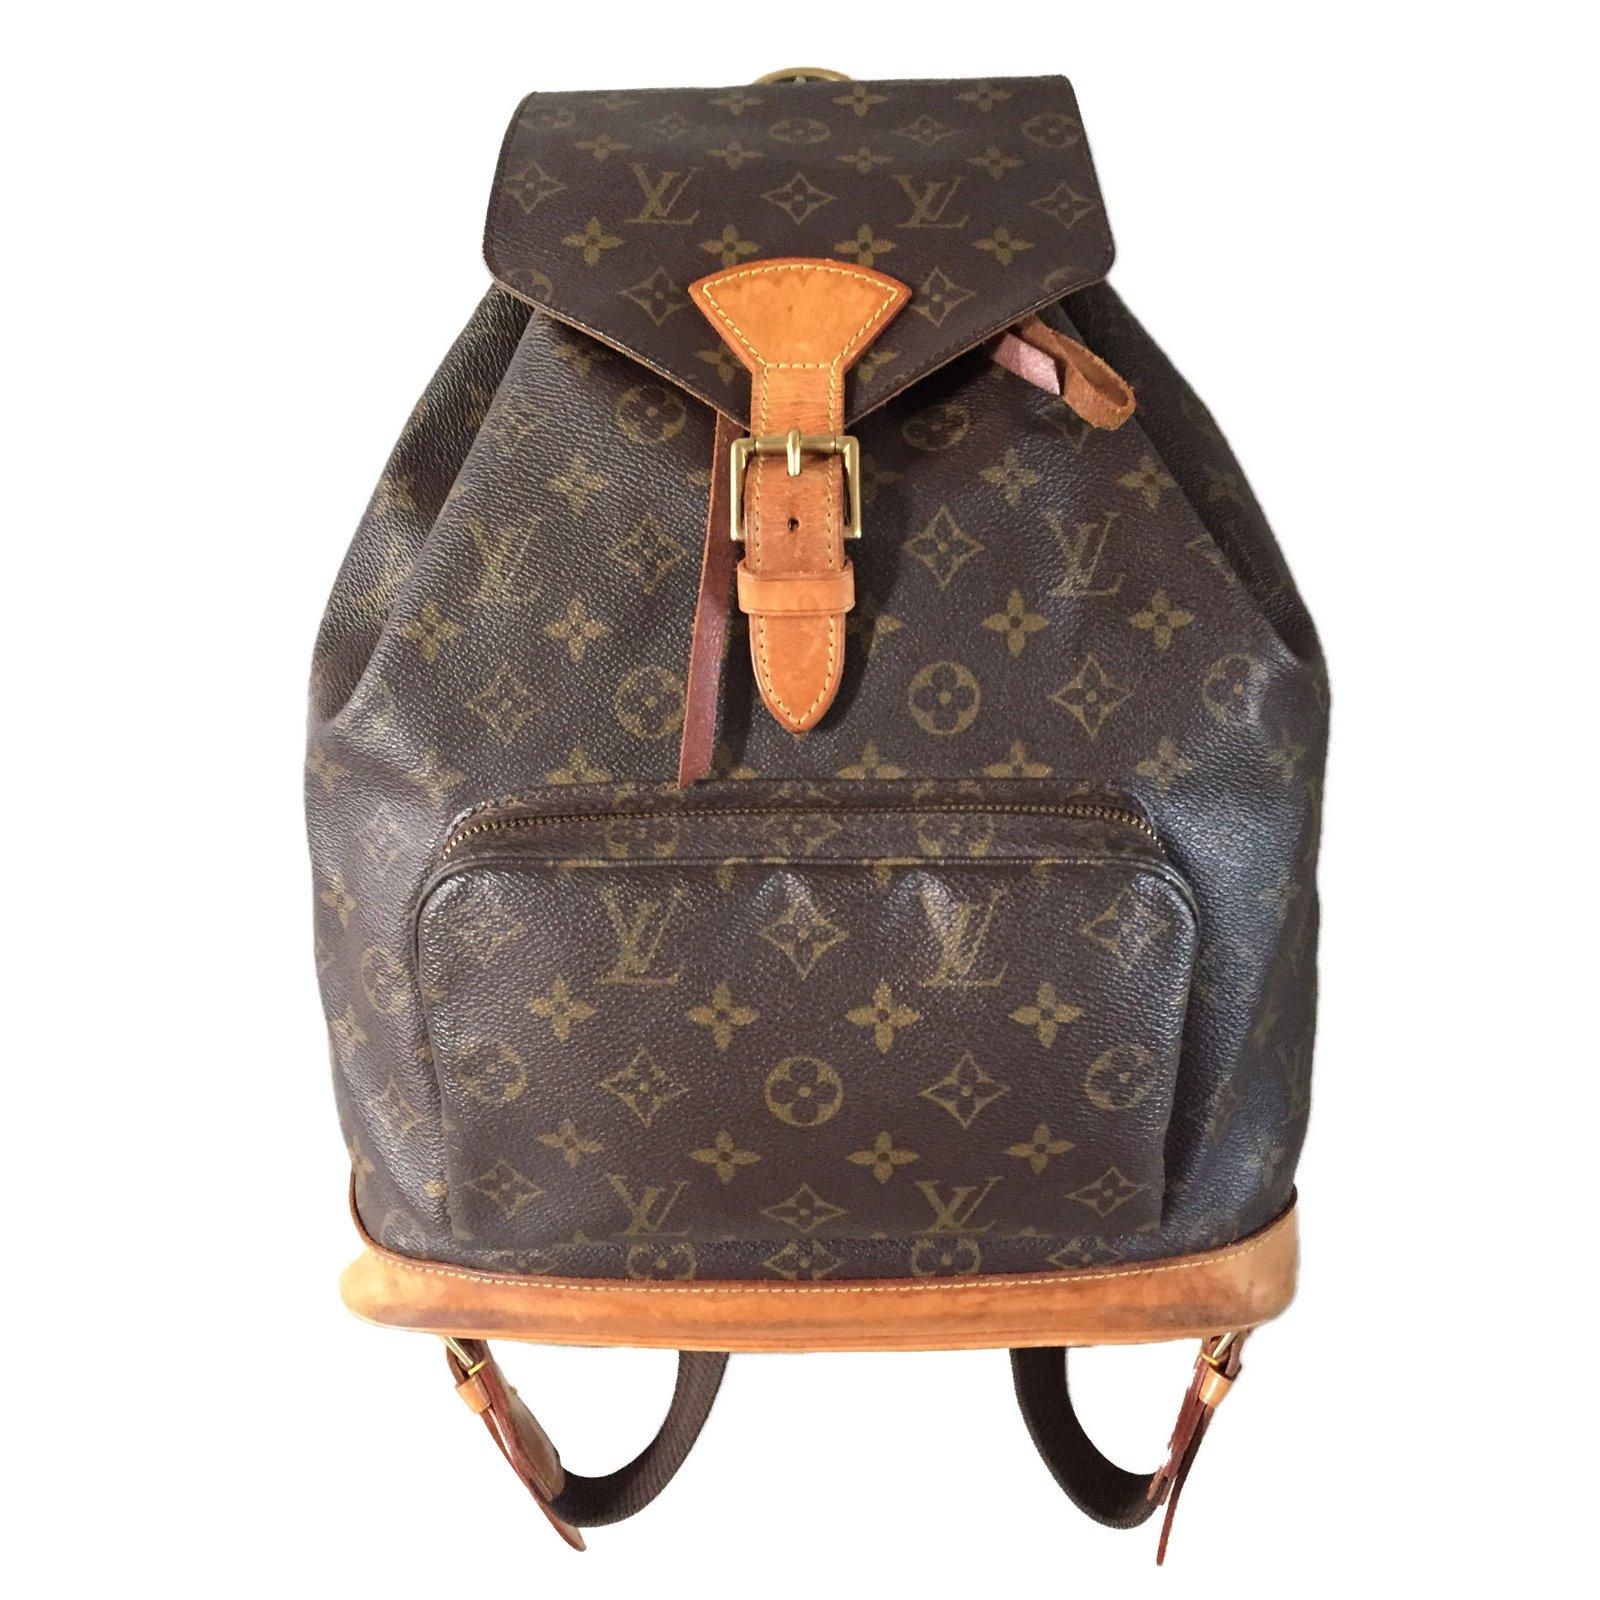 781f60fe454 Sacs à dos Louis Vuitton sac à dos MONTSOURIS Louis Vuitton Synthétique  Marron ref.41157 ...